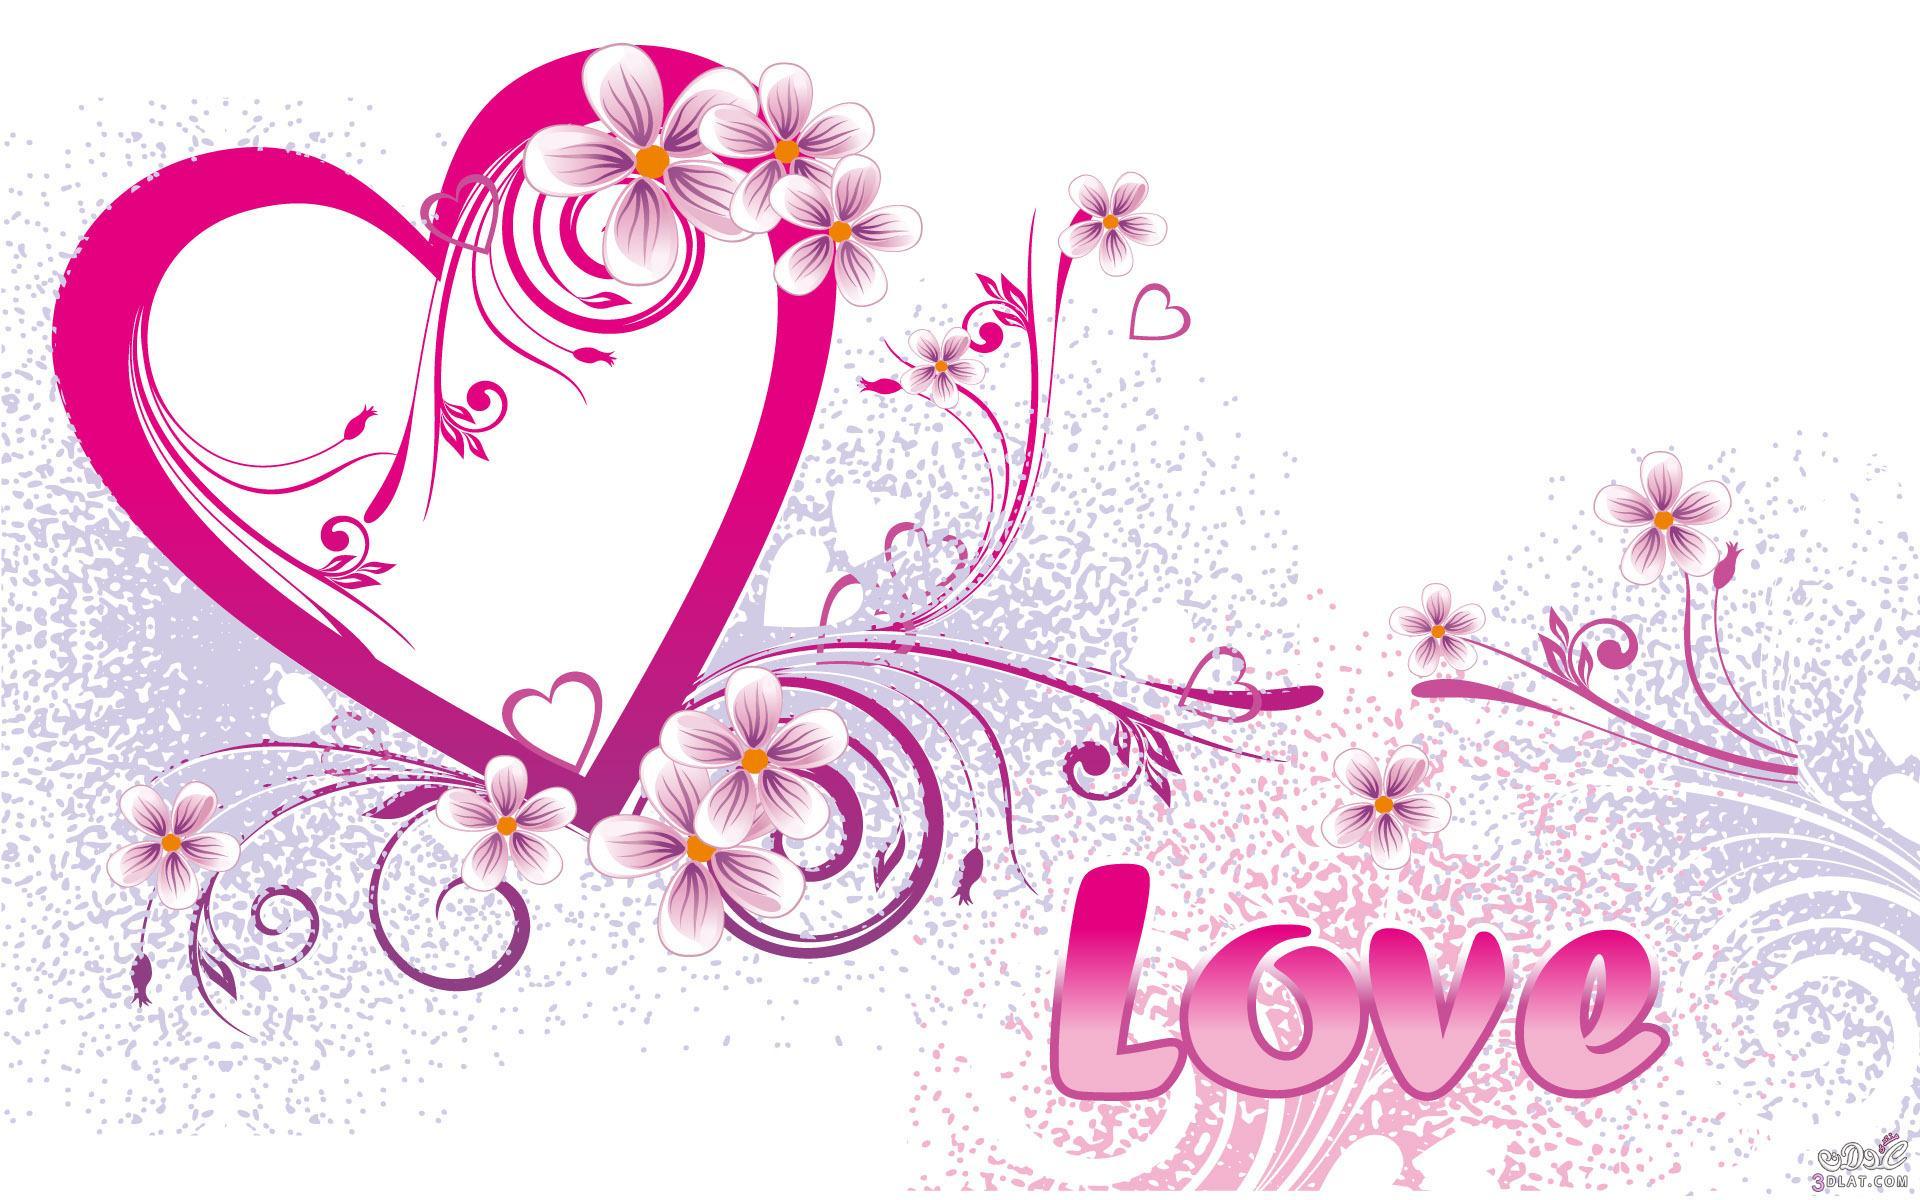 صوره بطاقات حب , بطاقات التهانى و اجملهم بالحب